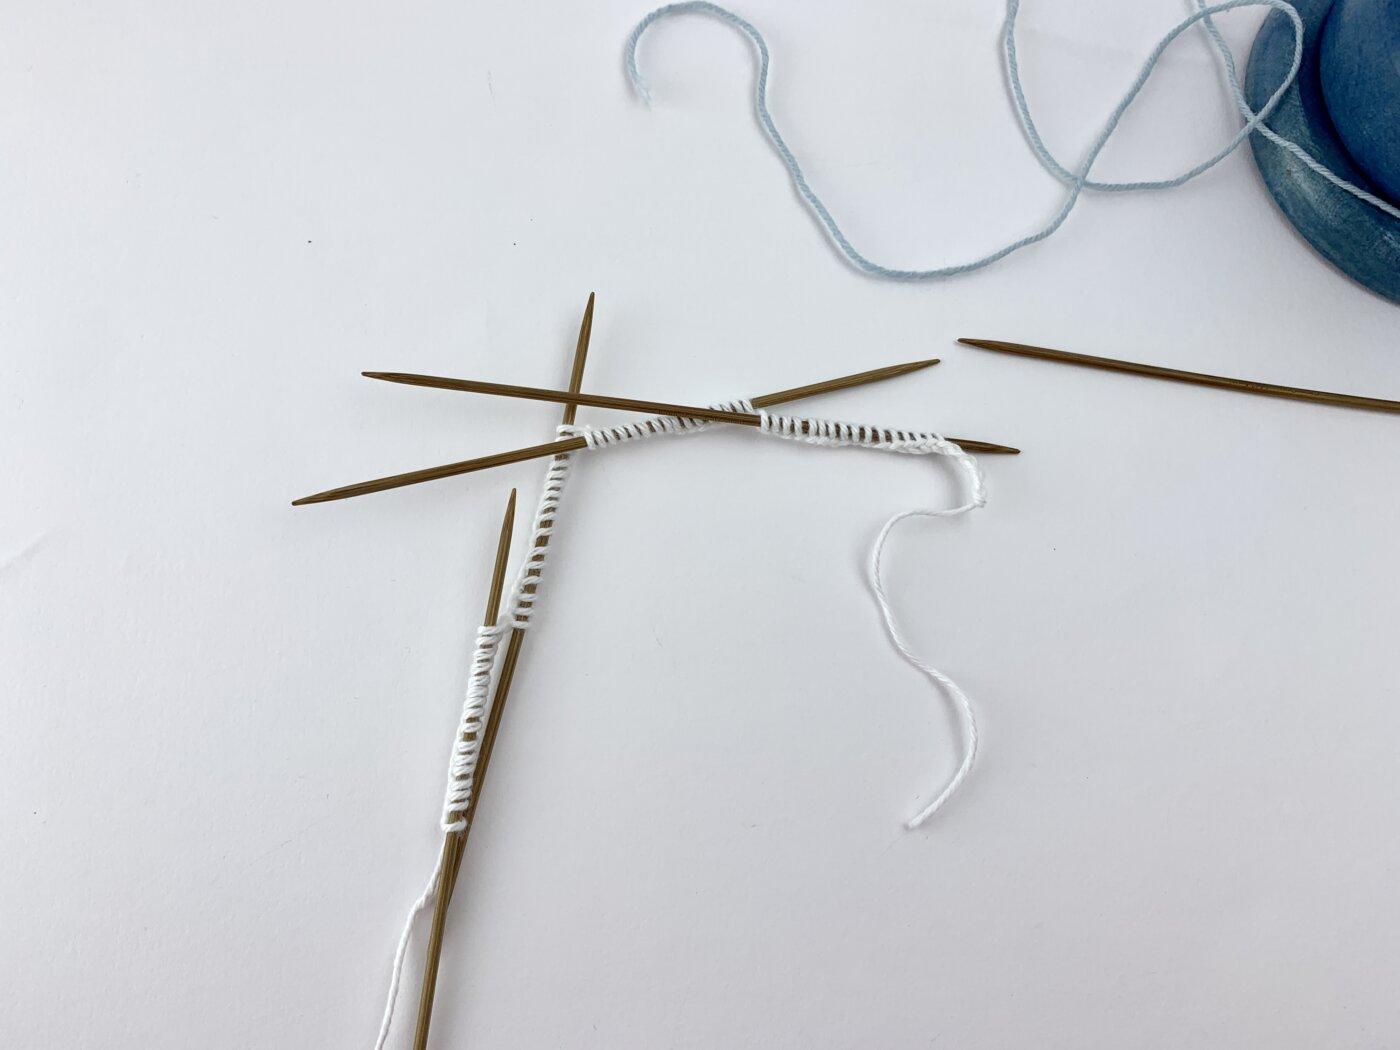 Beim Stricken in der Runde können die Maschen auf vier Nadeln verteilt werden.